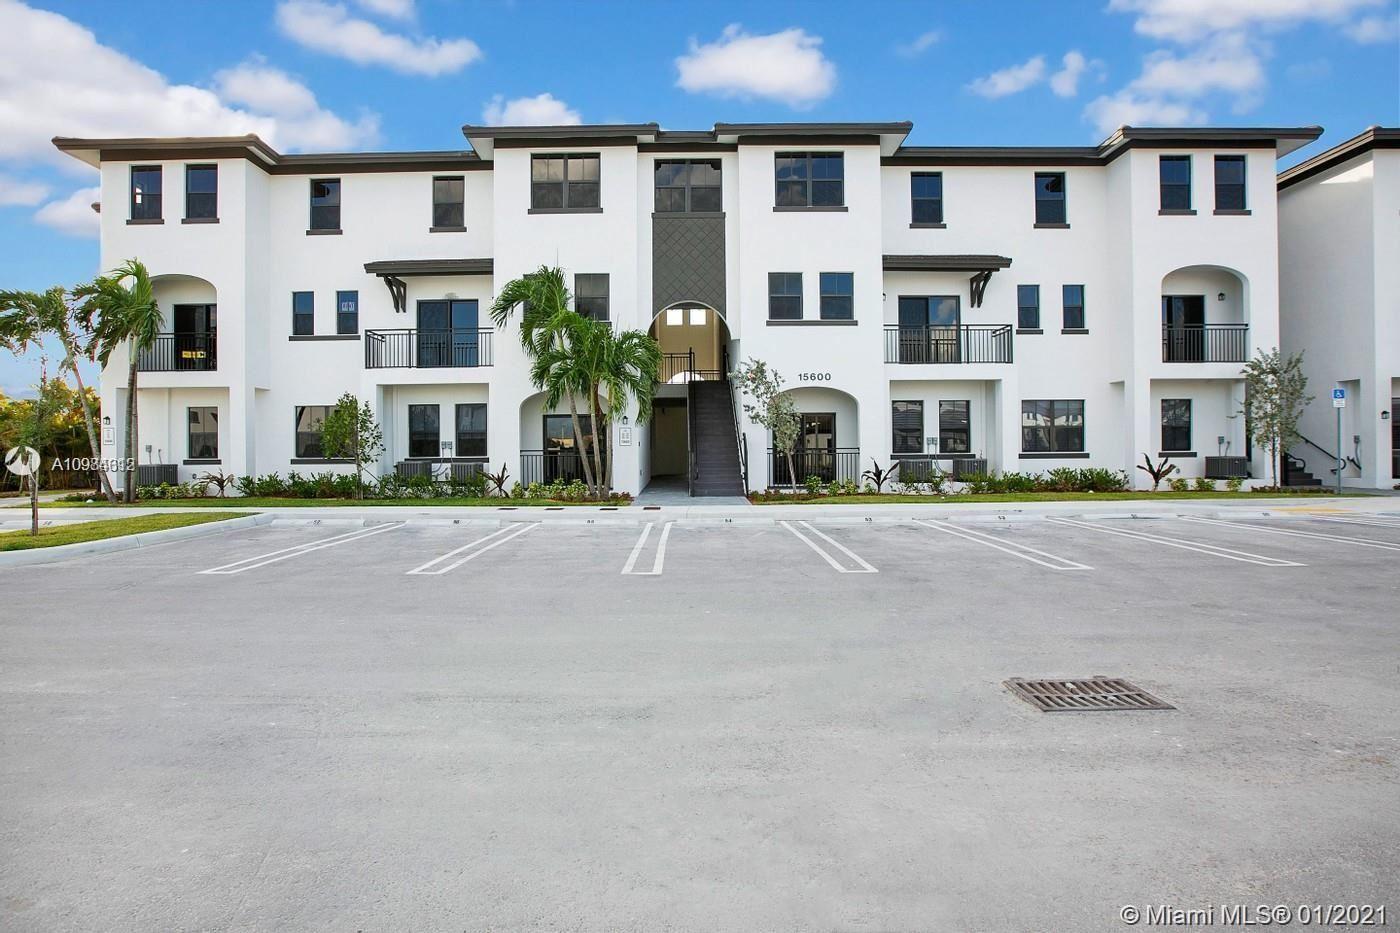 15600 SW 136 #206, Miami, FL 33196 - #: A10984312